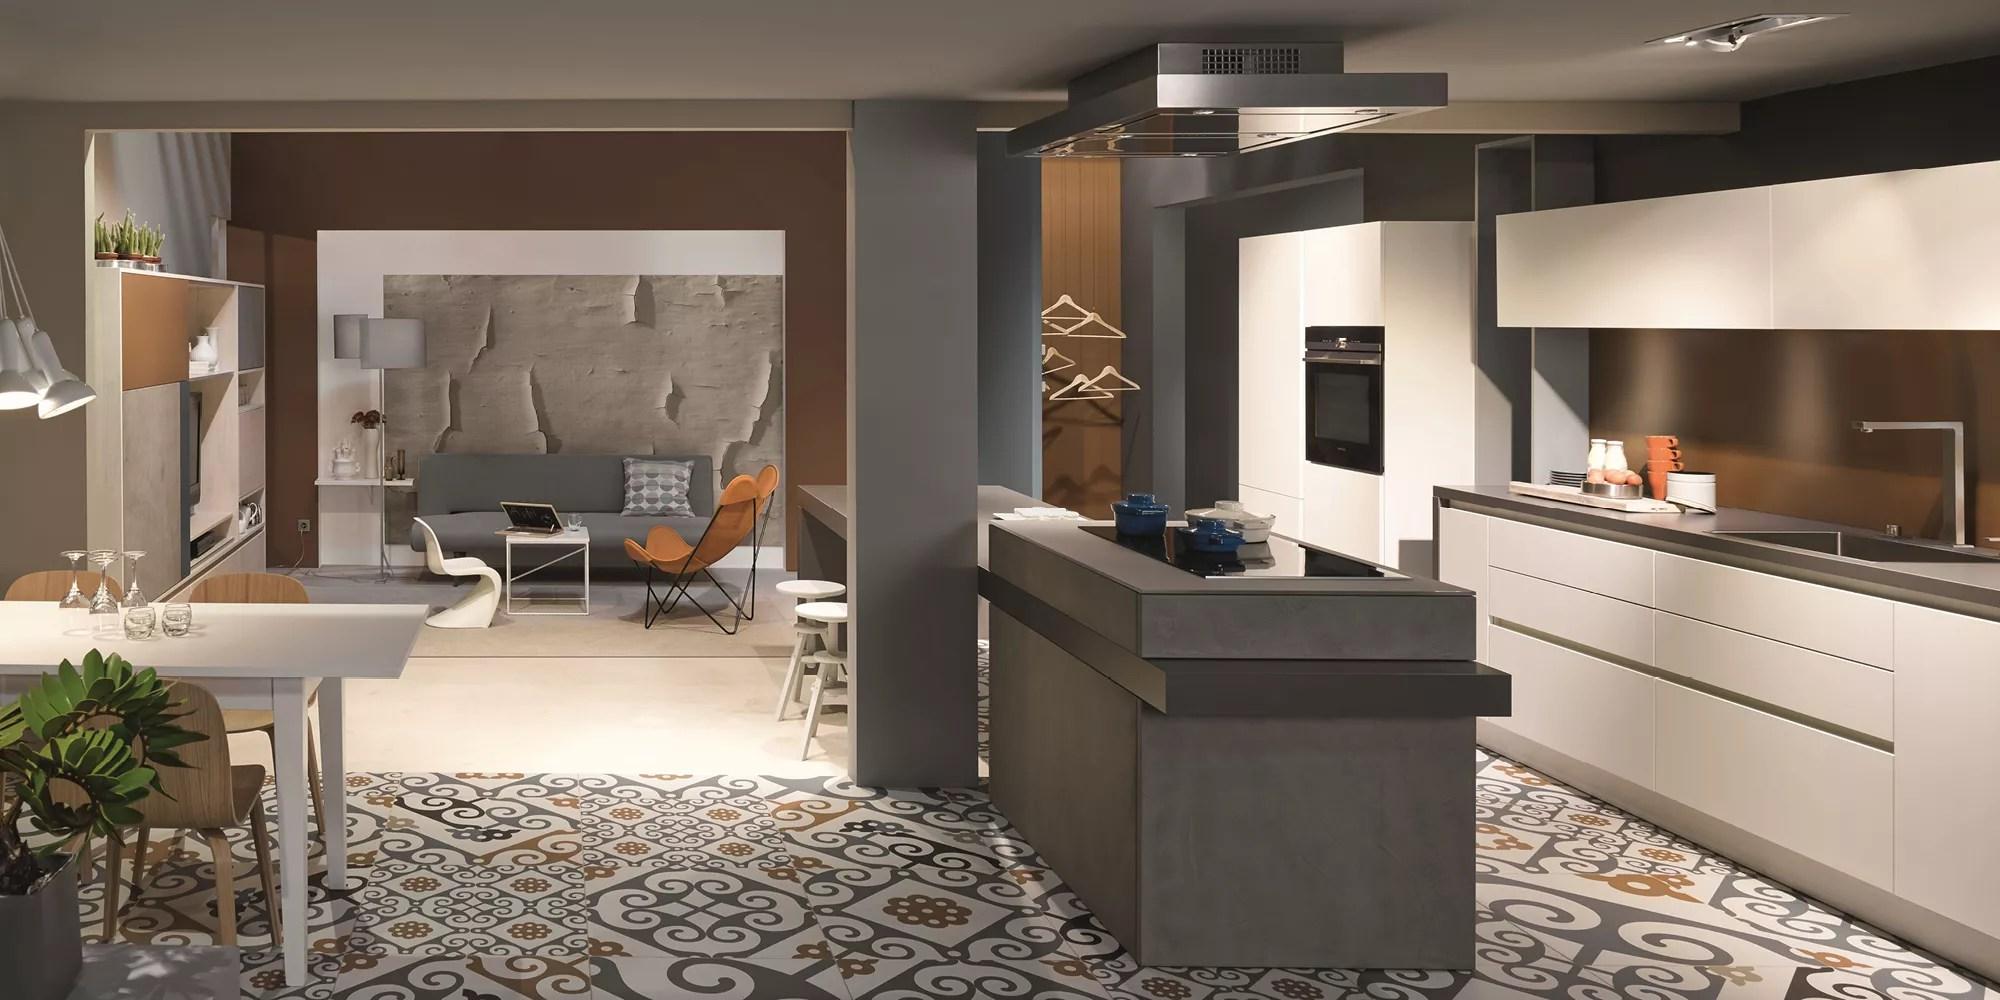 Wohnzimmer P2 Wohnung | Badregale Weiß Haus Planen